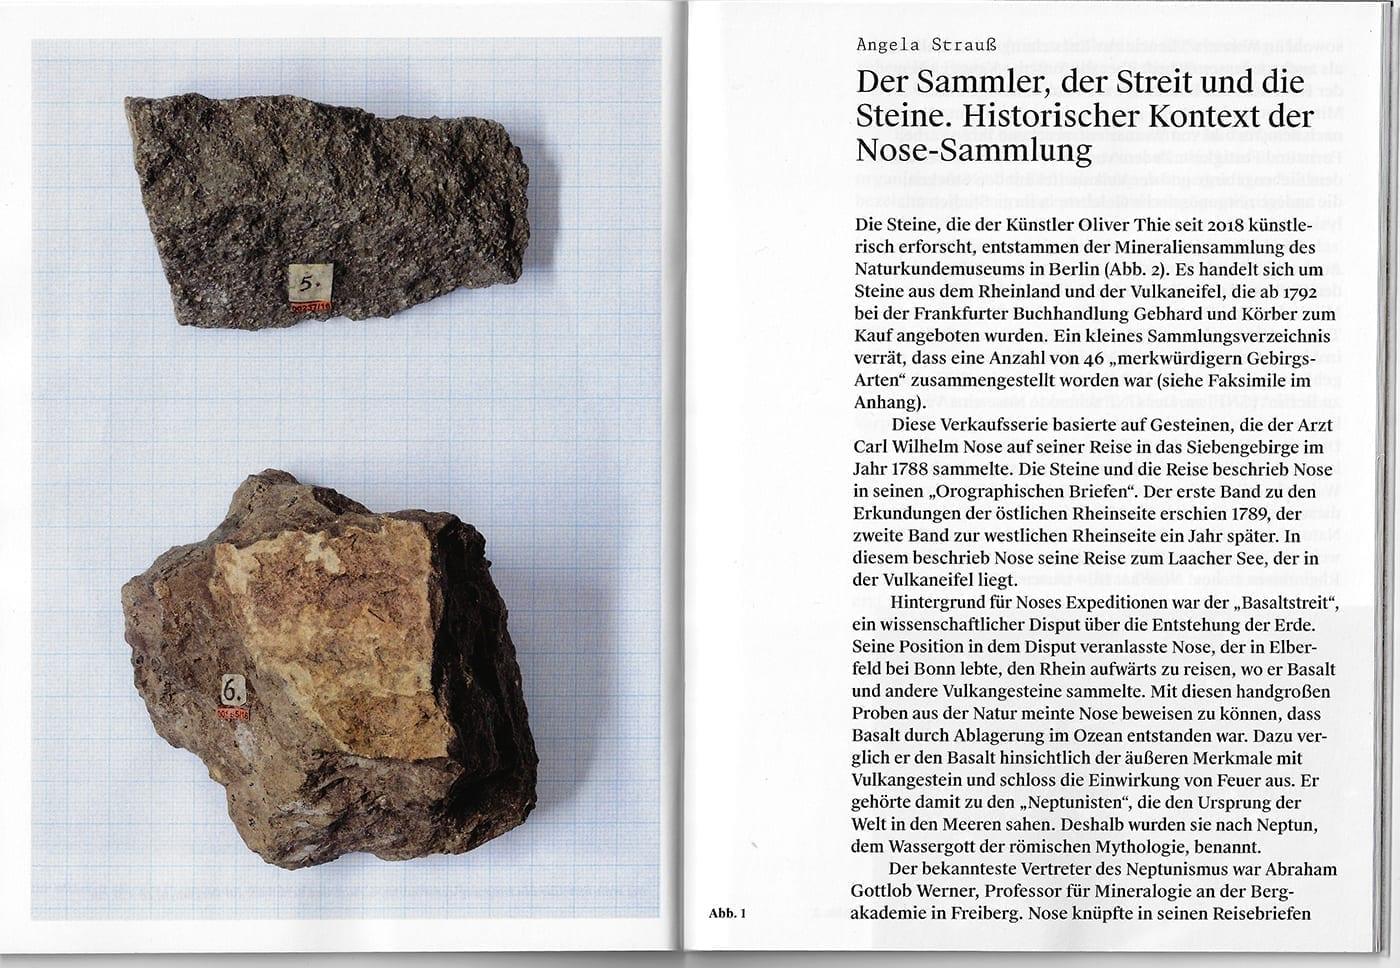 Doppelseite aus Sattler/Thie. 2020. Die Wahrheit über den Ursprung der Welt. Berlin: Humboldt-Universität